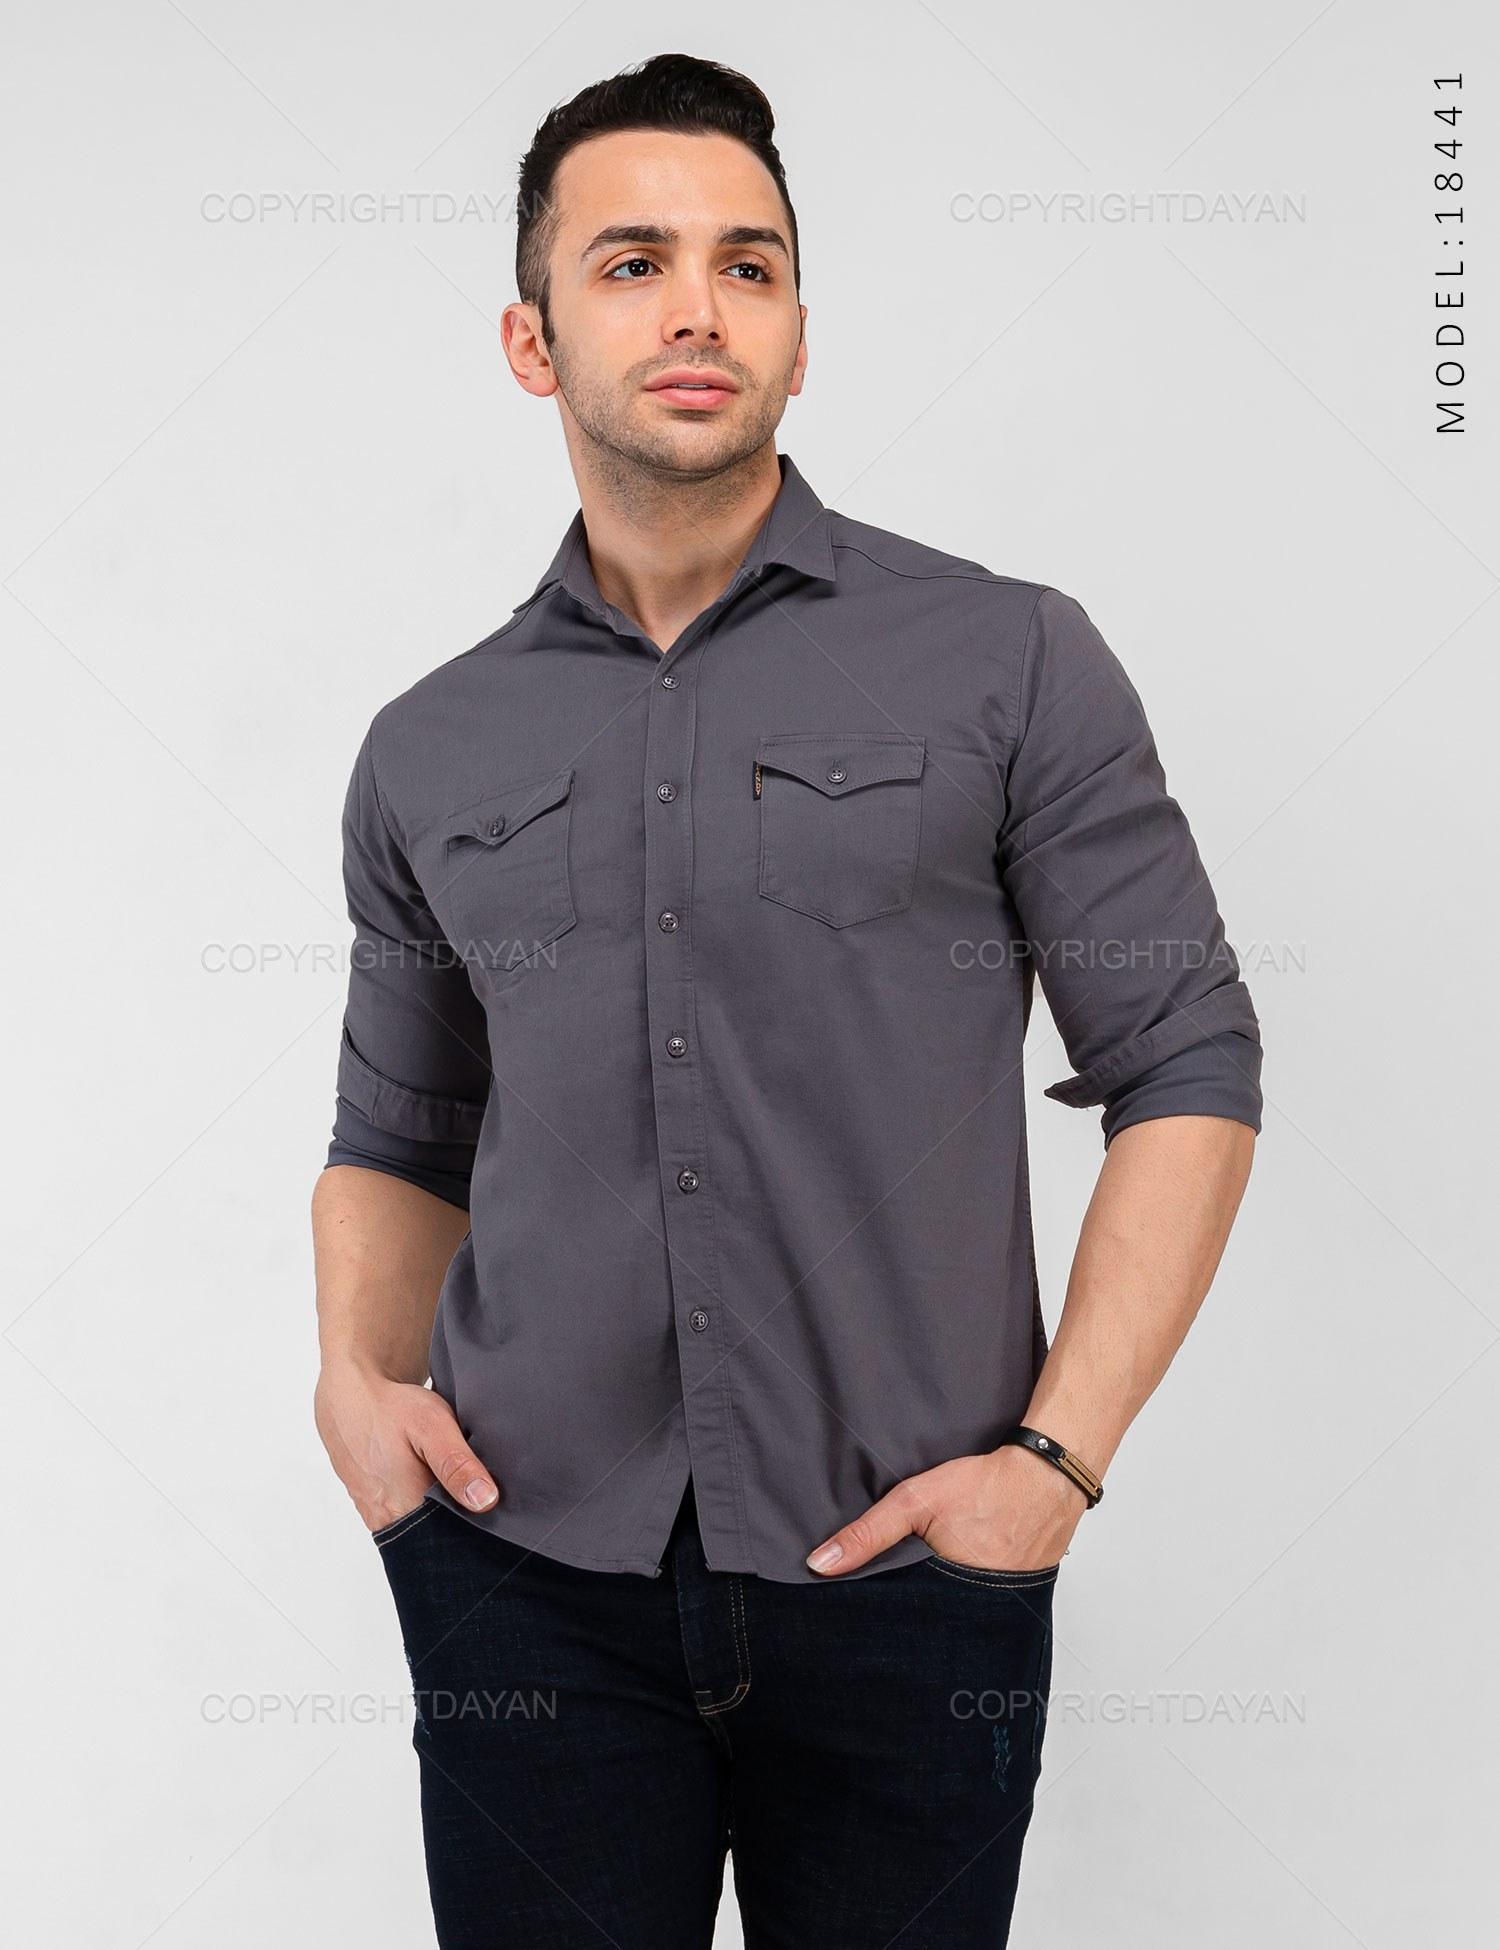 تصویر پیراهن مردانه Araz مدل 18441